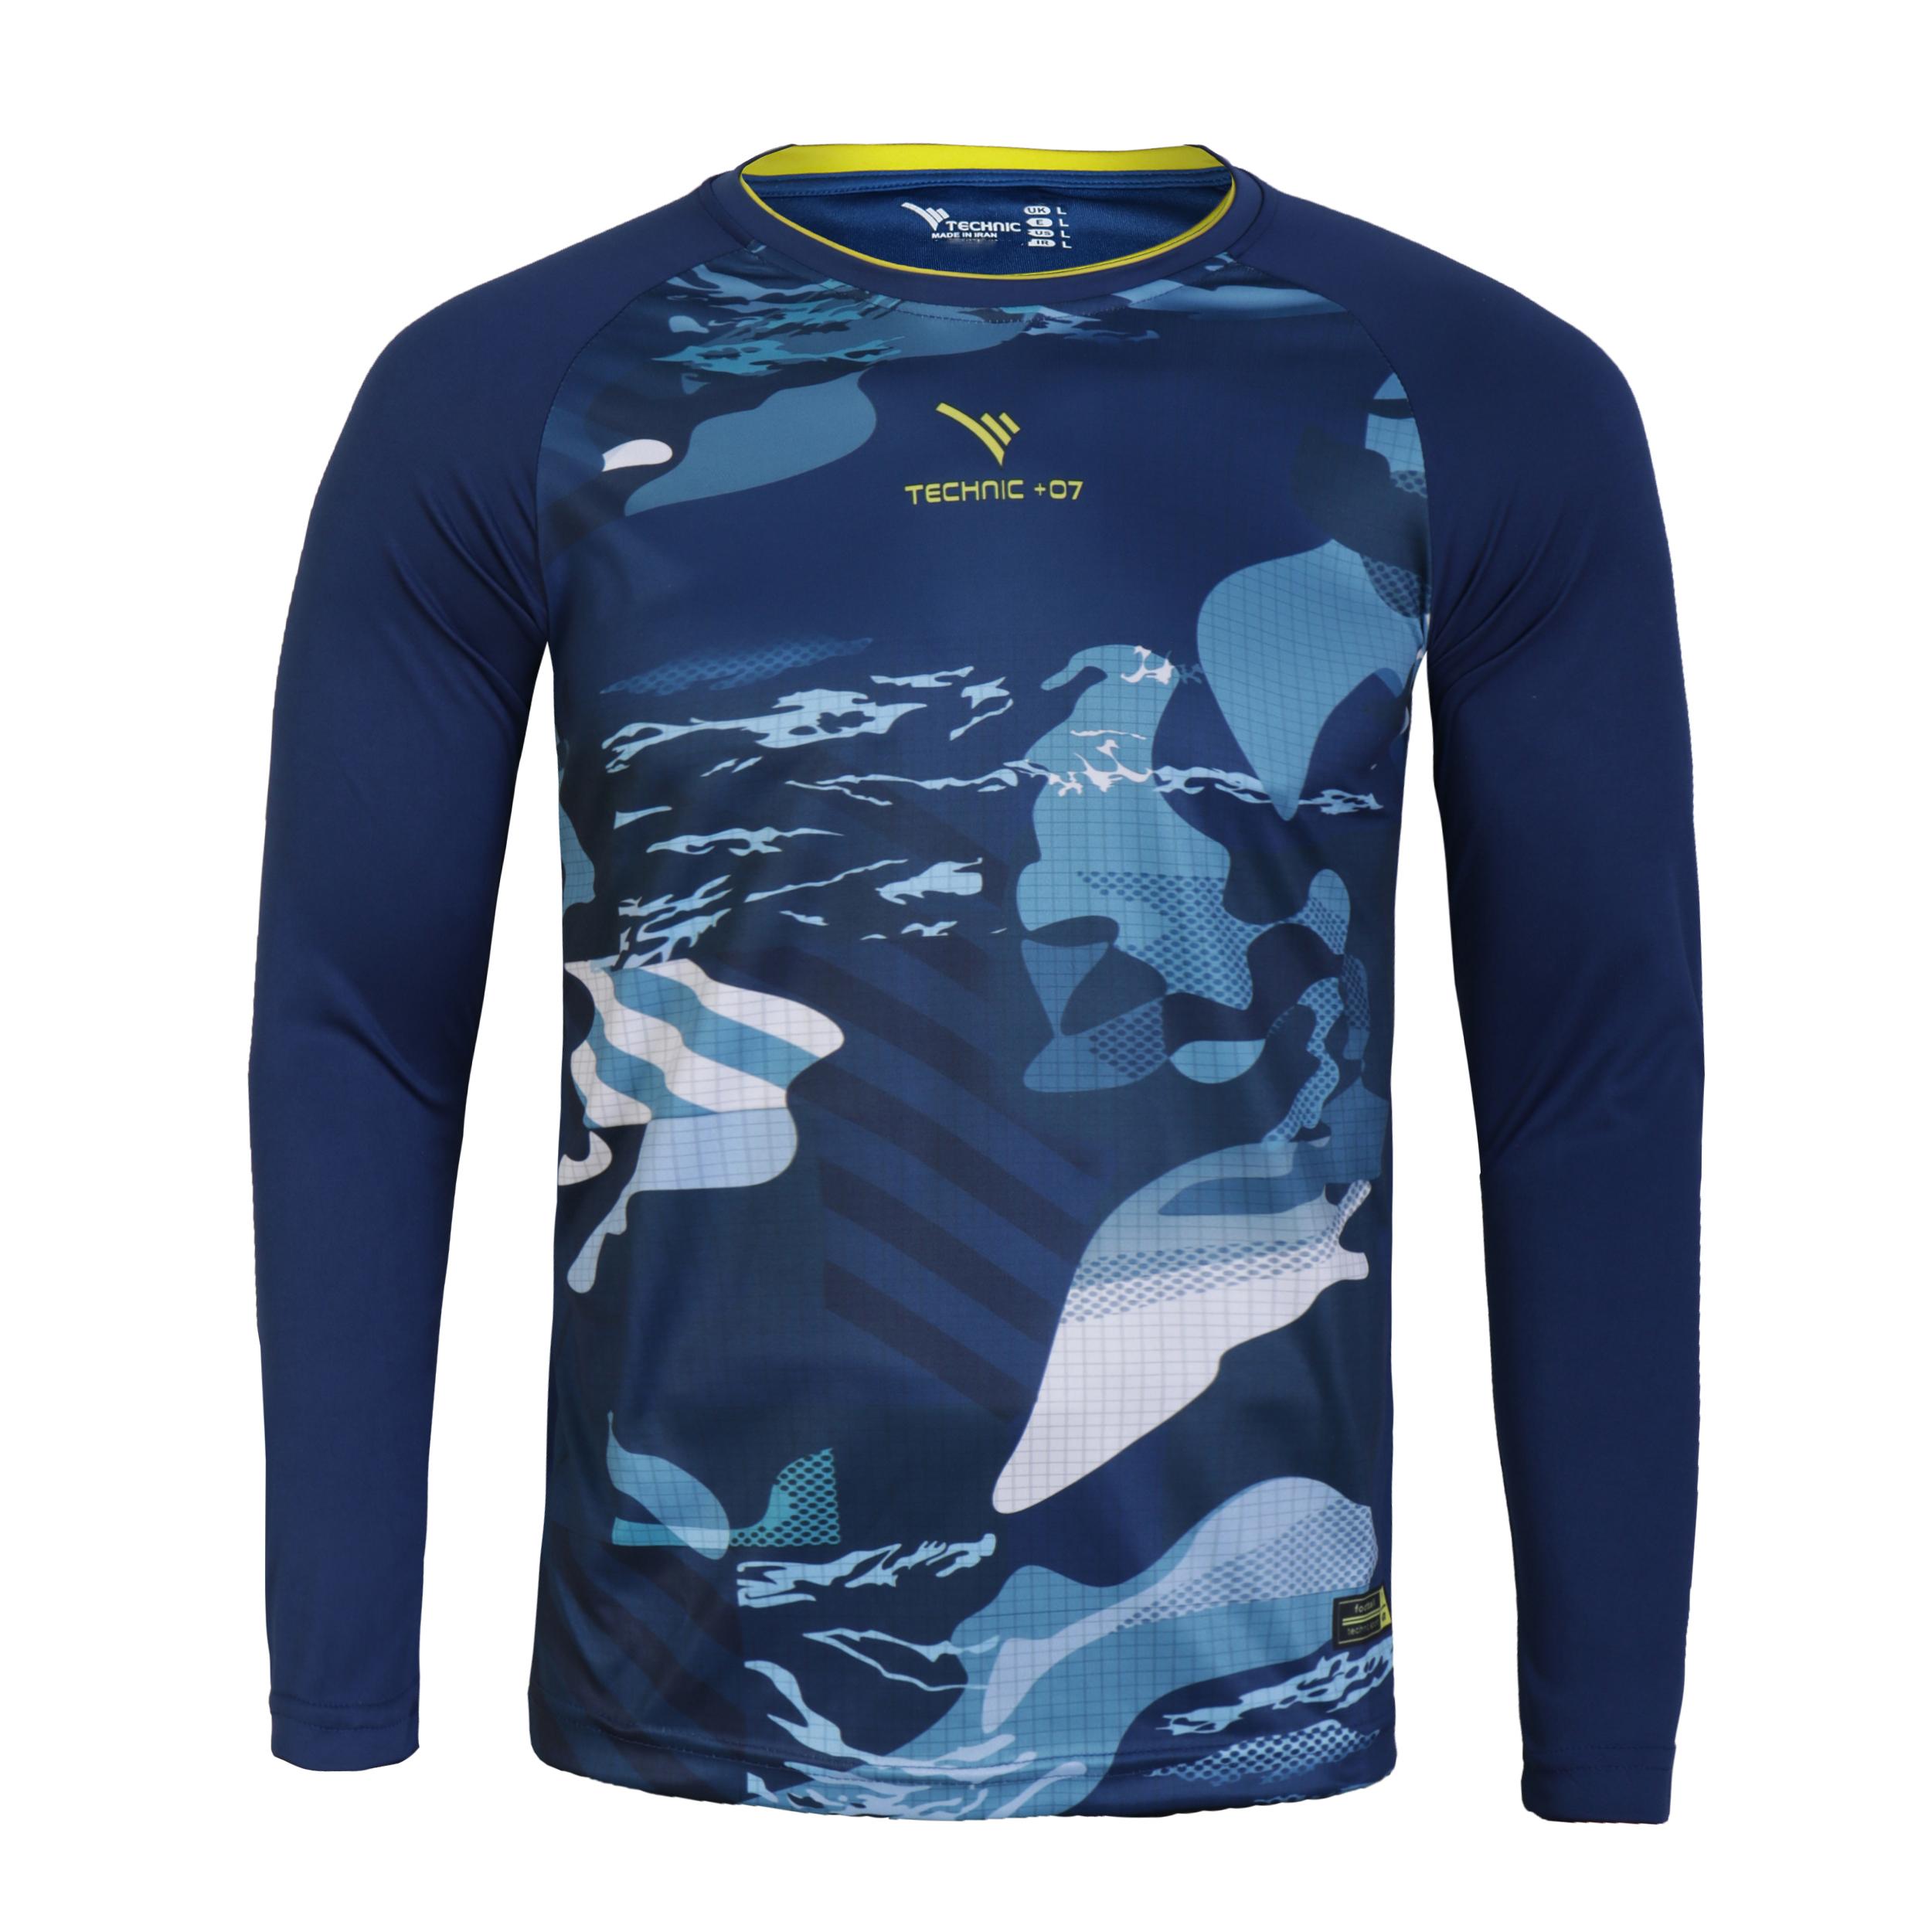 تی شرت ورزشی مردانه تکنیک پلاس 07 کد GO-112-SO